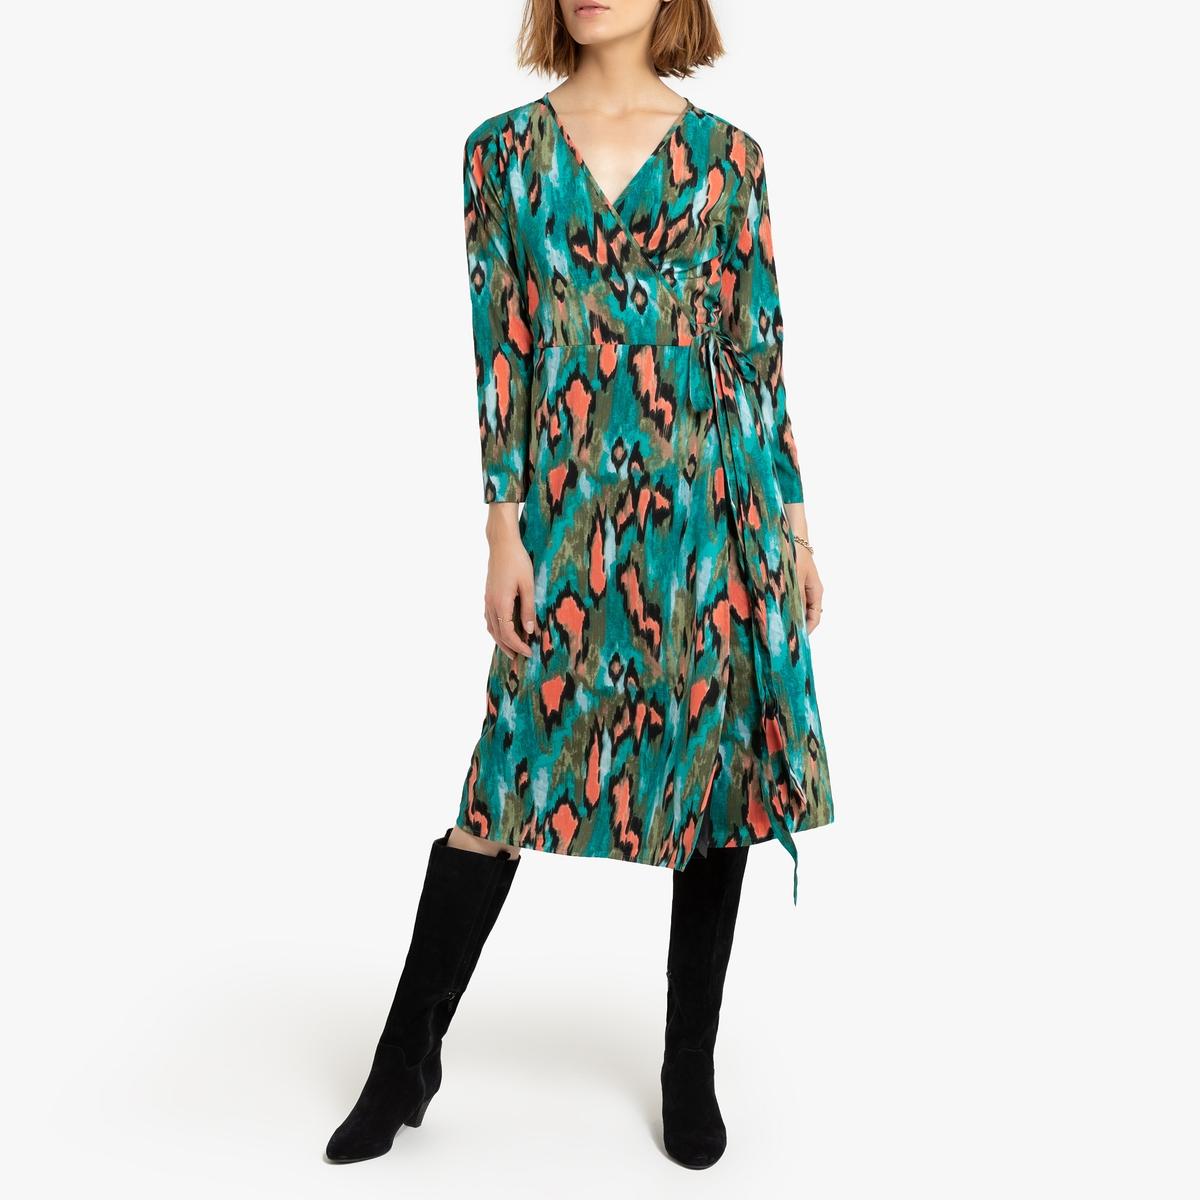 Платье-миди La Redoute С запахом струящееся M синий платье la redoute прямое струящееся cienna 2 m синий